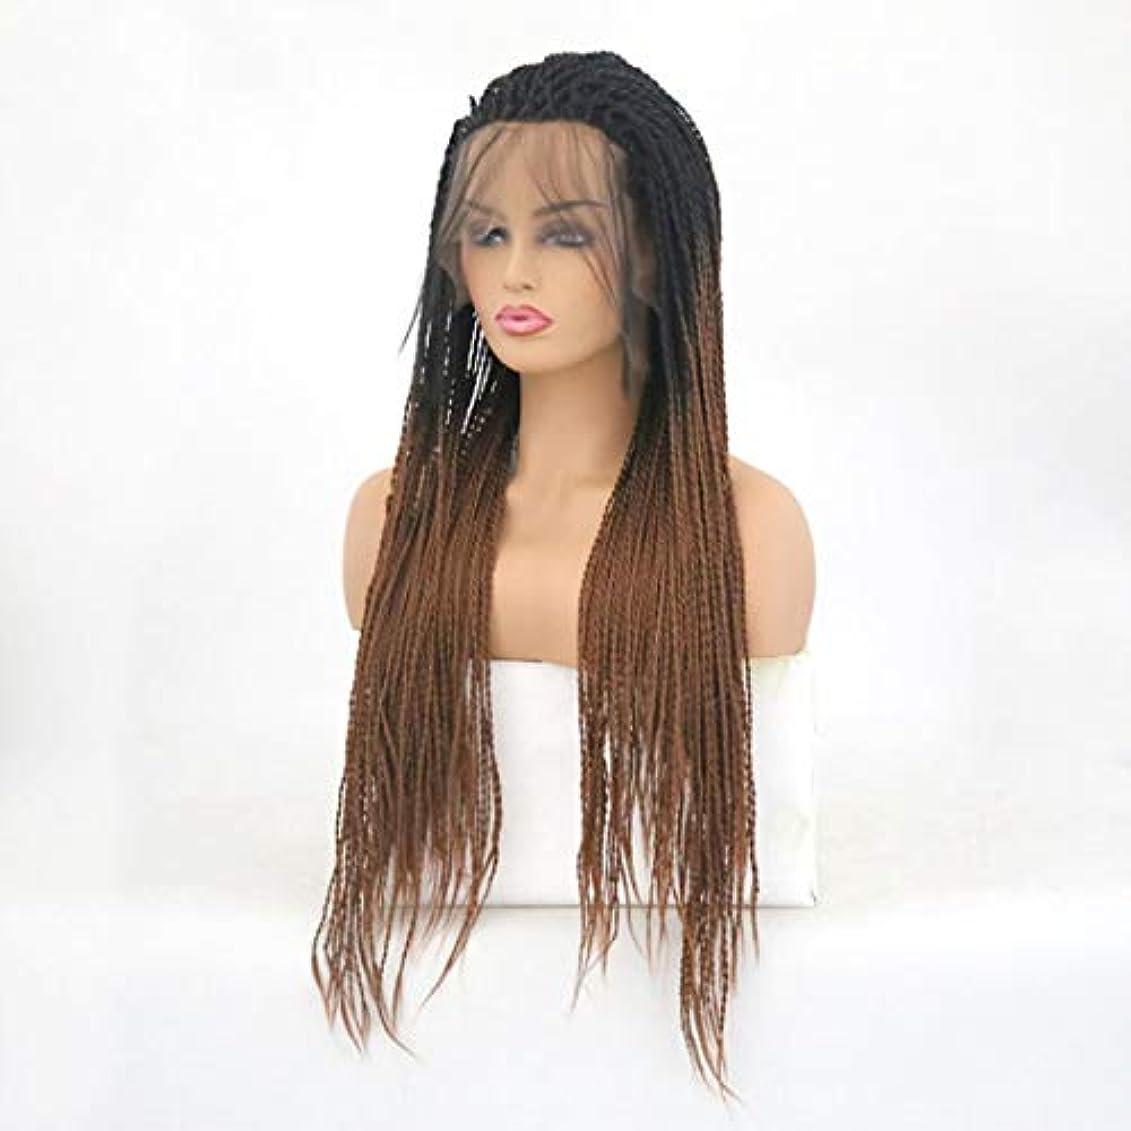 一般的なパネル決済Summerys ツイストブレイドかぎ針編みブレイドヘアエクステンション事前ループ女性用高温繊維